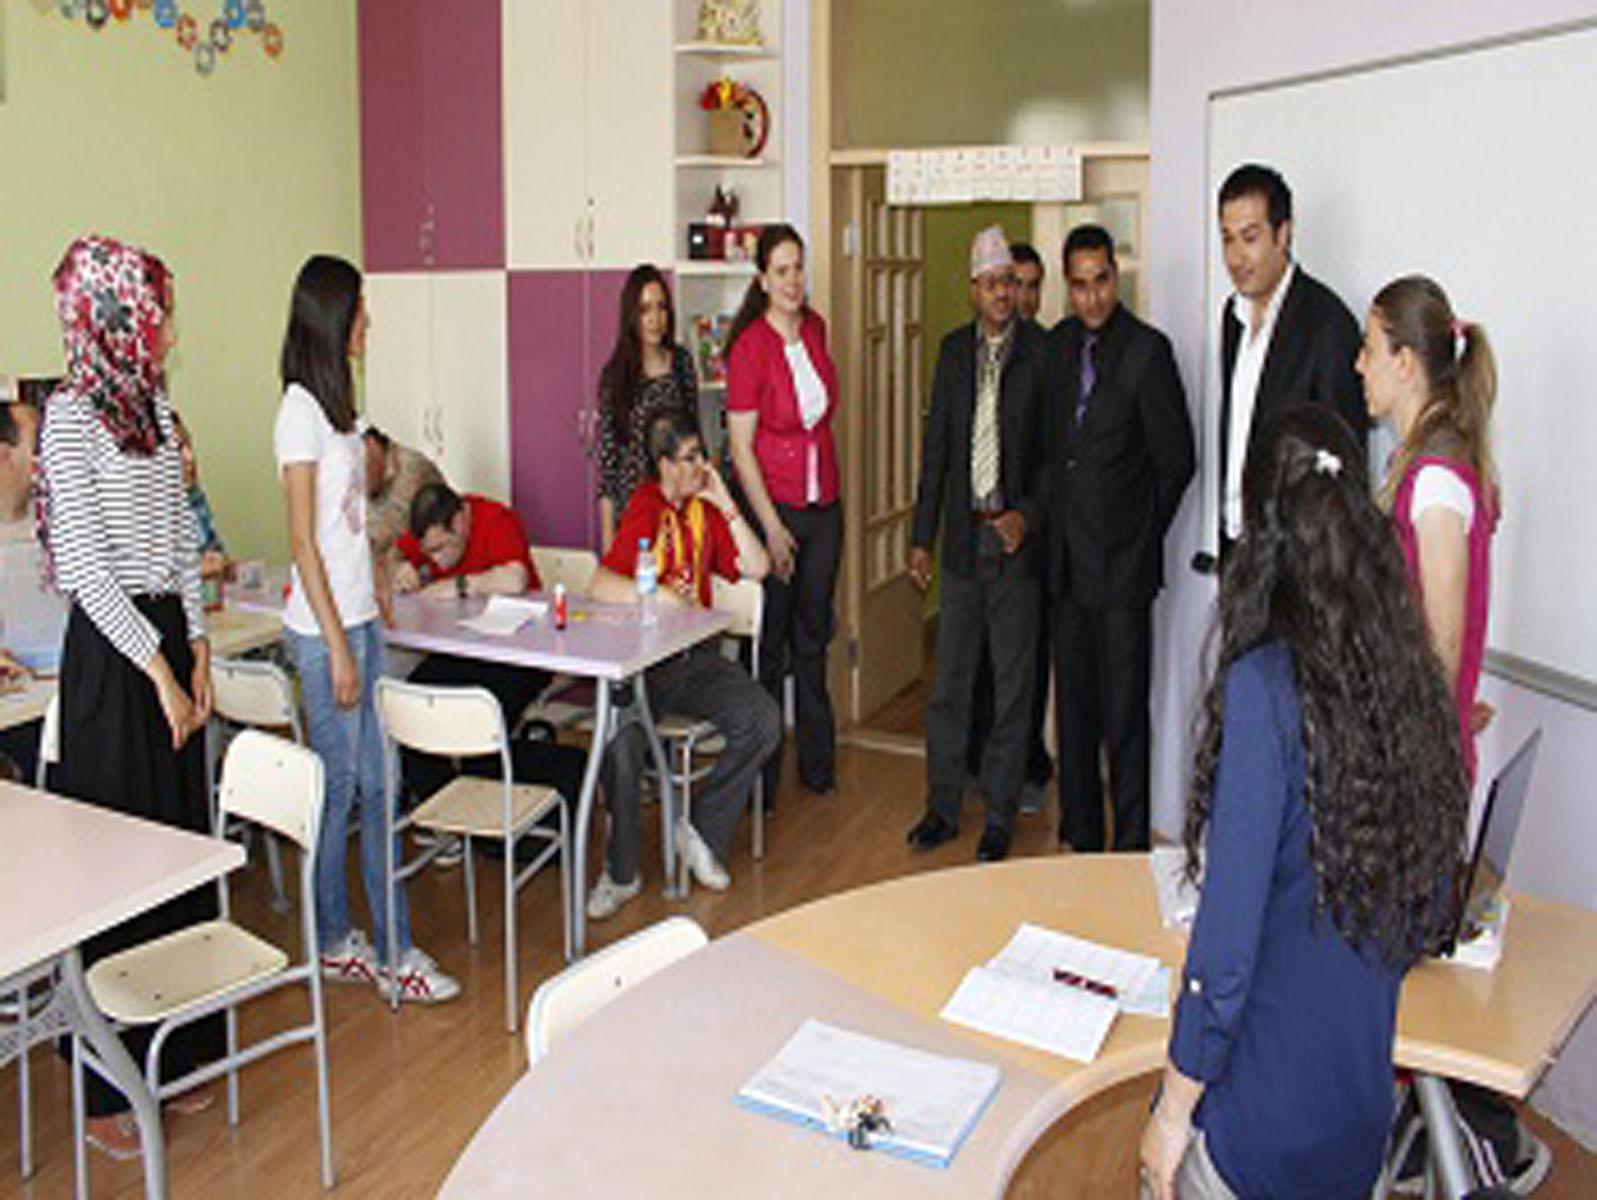 ÖZEV ve NEPAL Engelliler Beceri Geliştirme Reh.Mrkz. İşbirliği